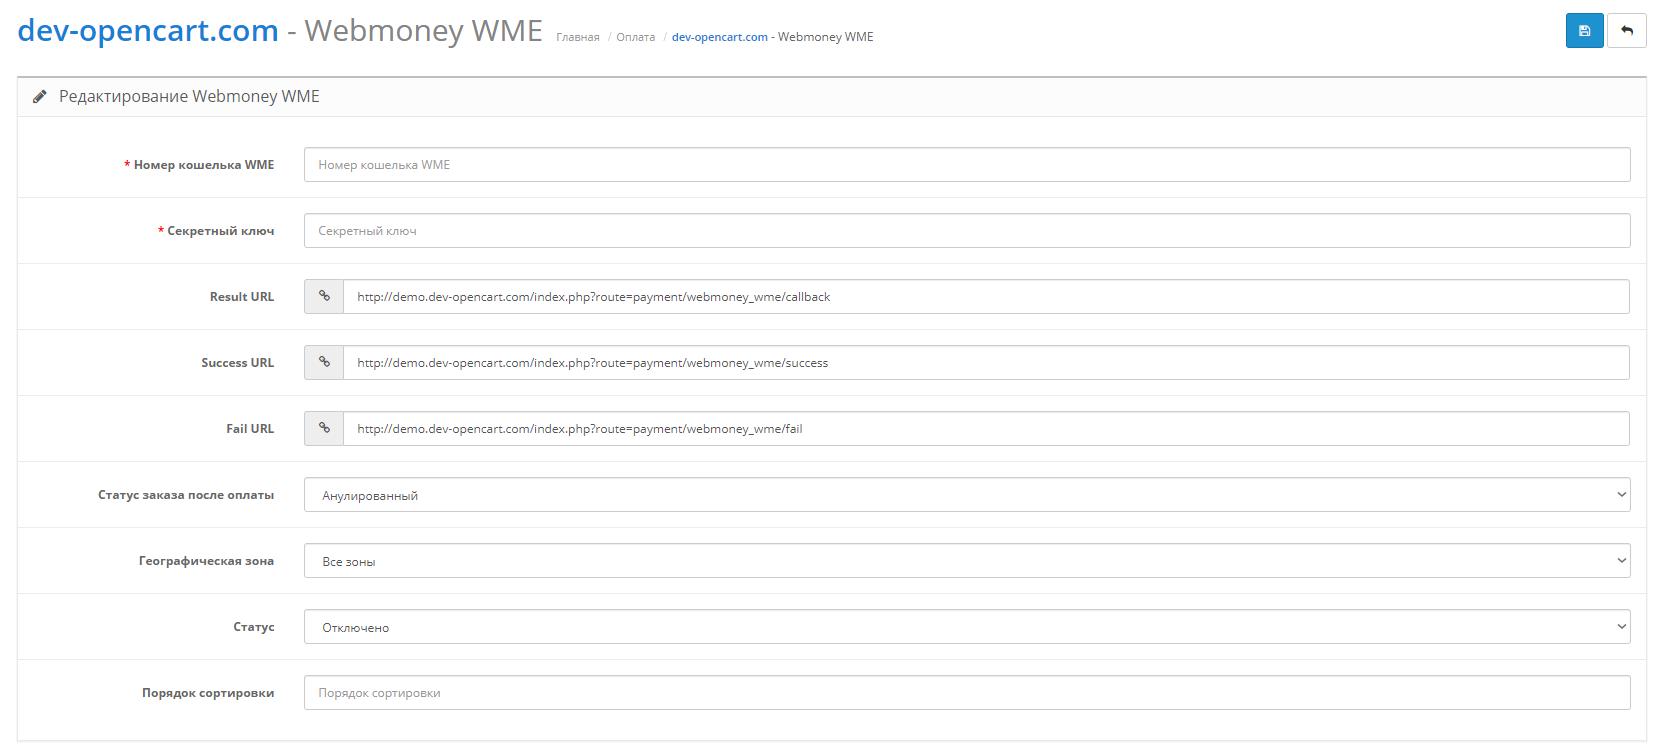 Модуль оплаты через платежный шлюз WebMoney для OpenCart и ocStore изображение №2